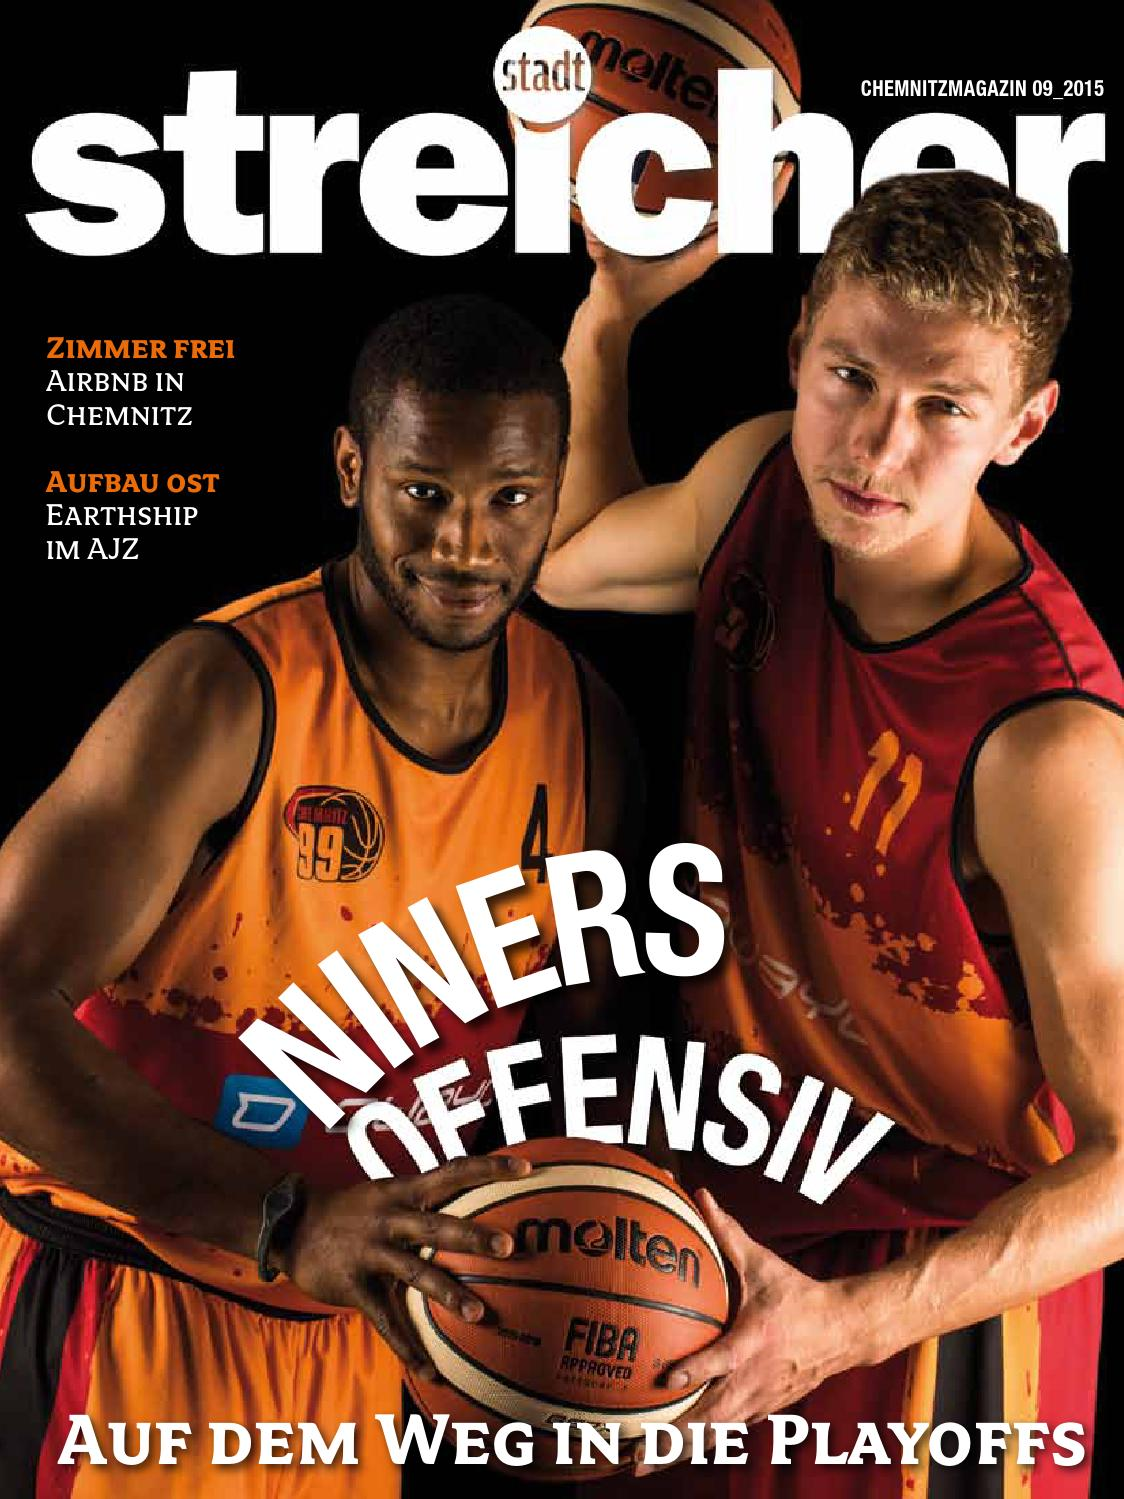 Stadtstreicher 09-15 by Stadtstreicher Stadtmagazin - issuu